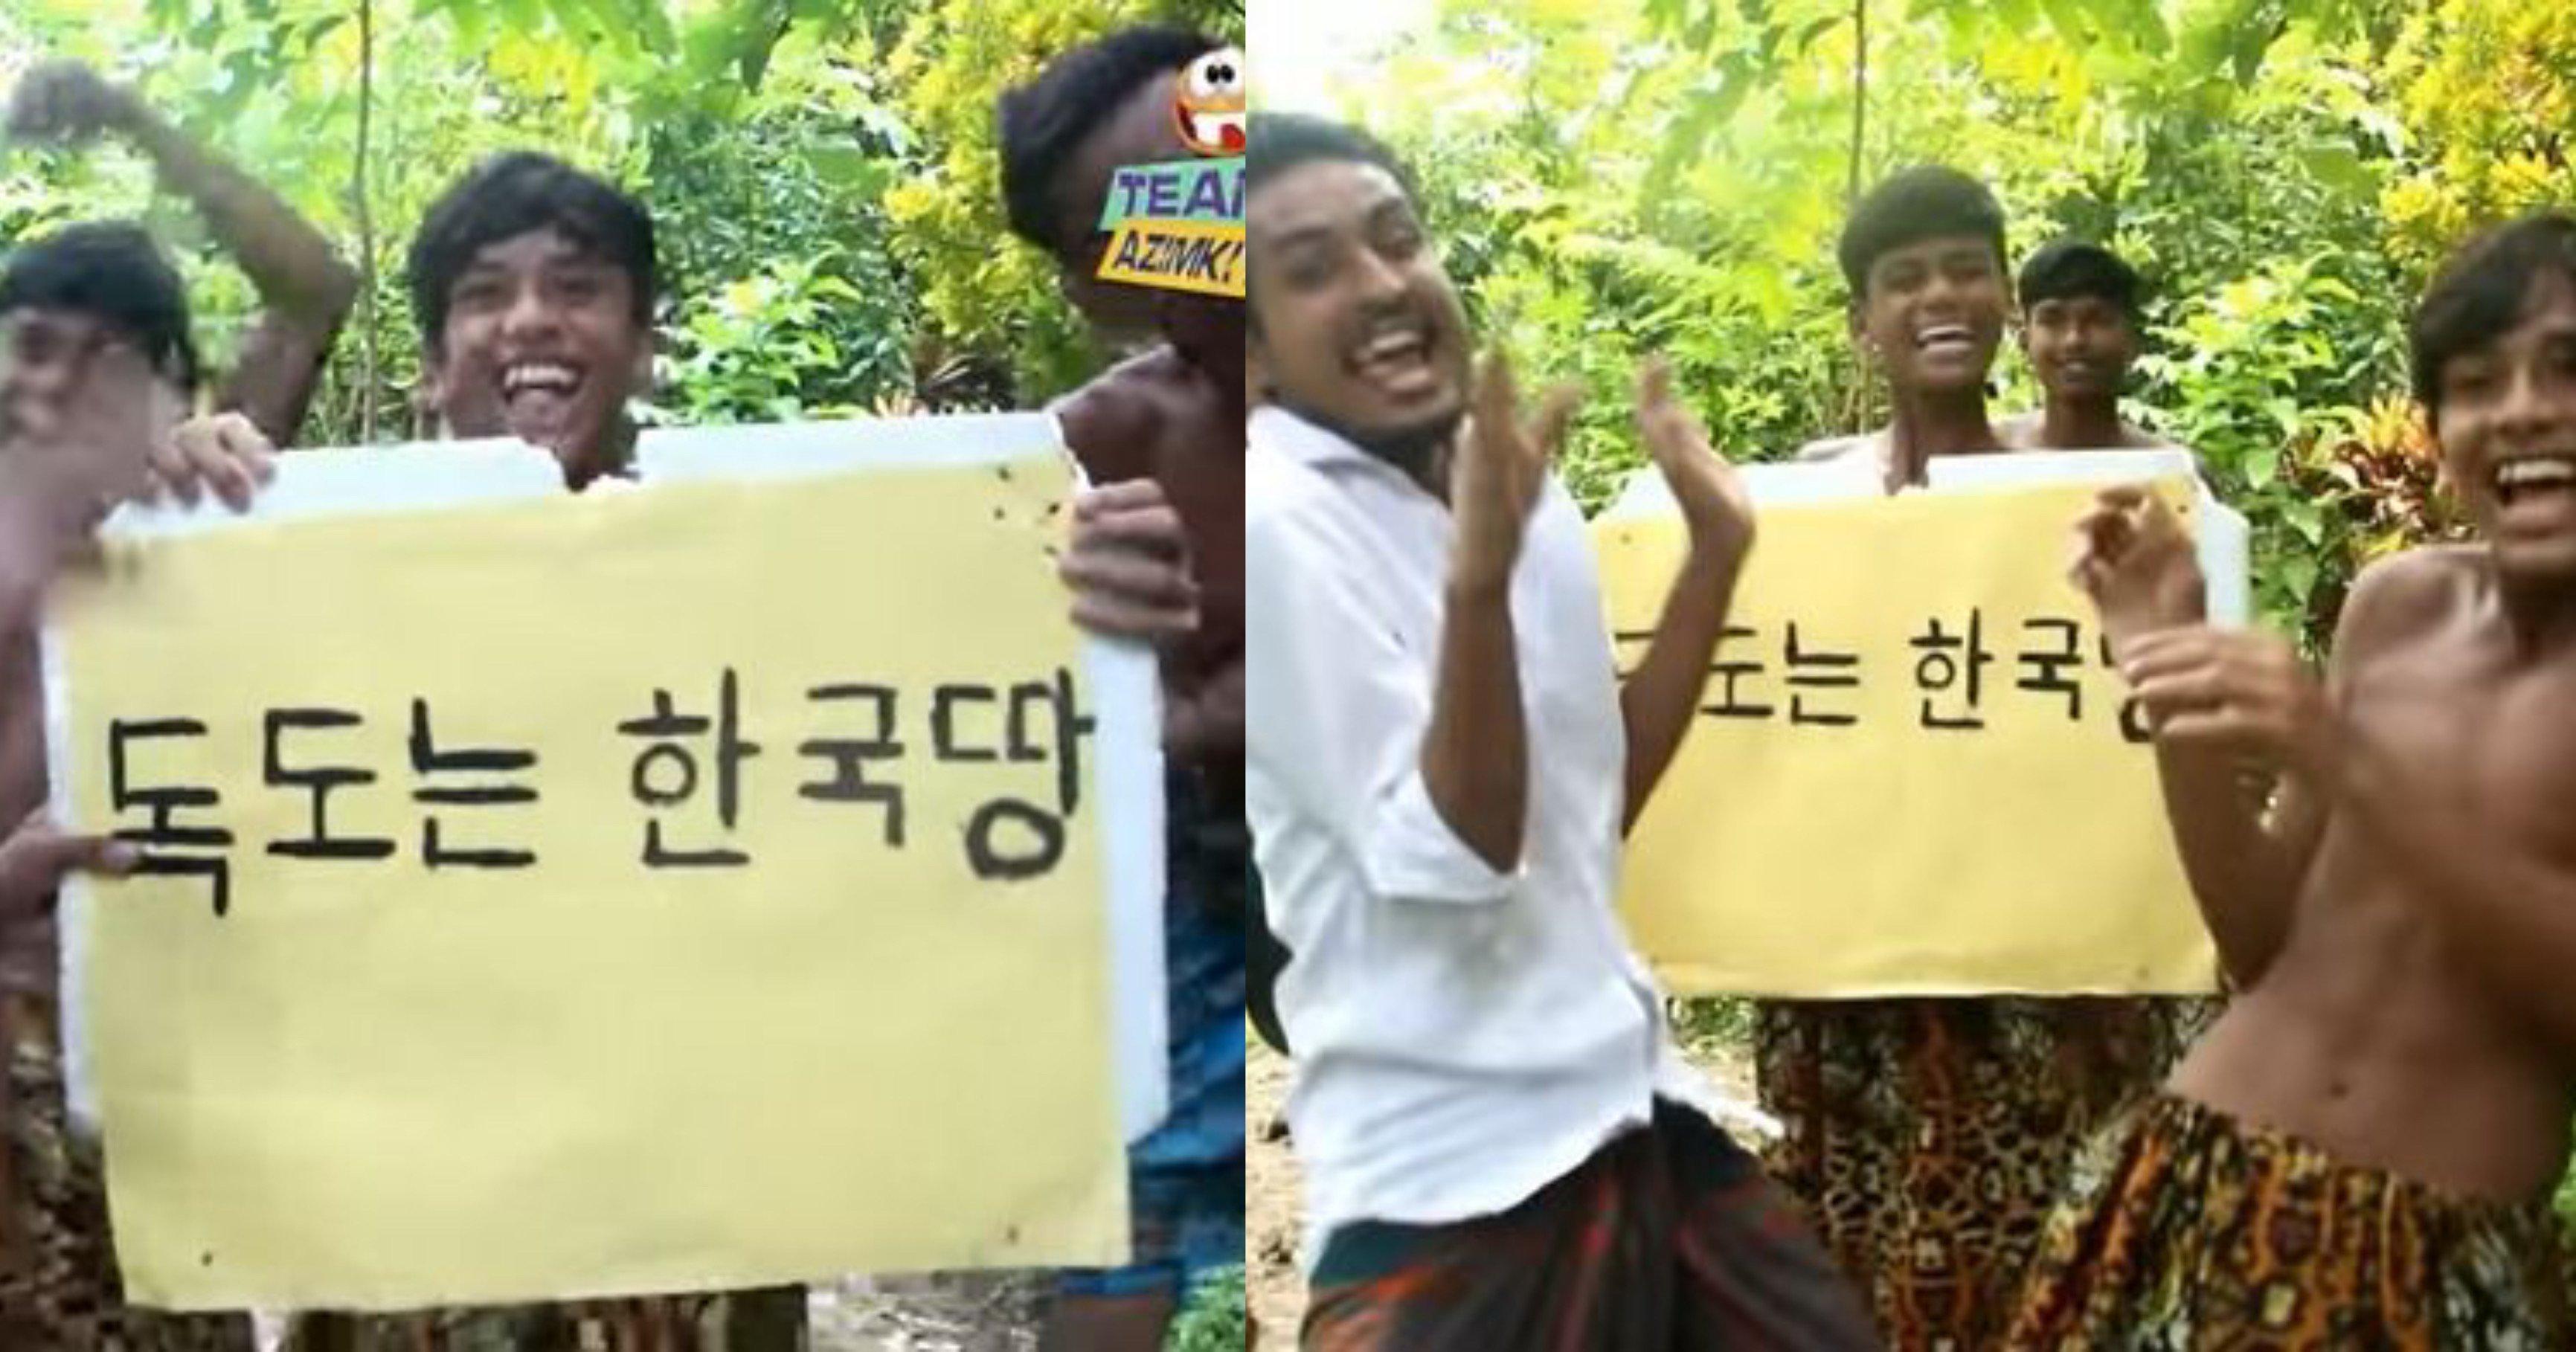 """ed959ceab5adeb9585 ec8db8eb84ac.jpg?resize=1200,630 - """"독도는 한국땅!...""""...한국어로 메세지 읽어주는 '외국인 유튜버'가 올린 한국인 취향 저격 영상"""